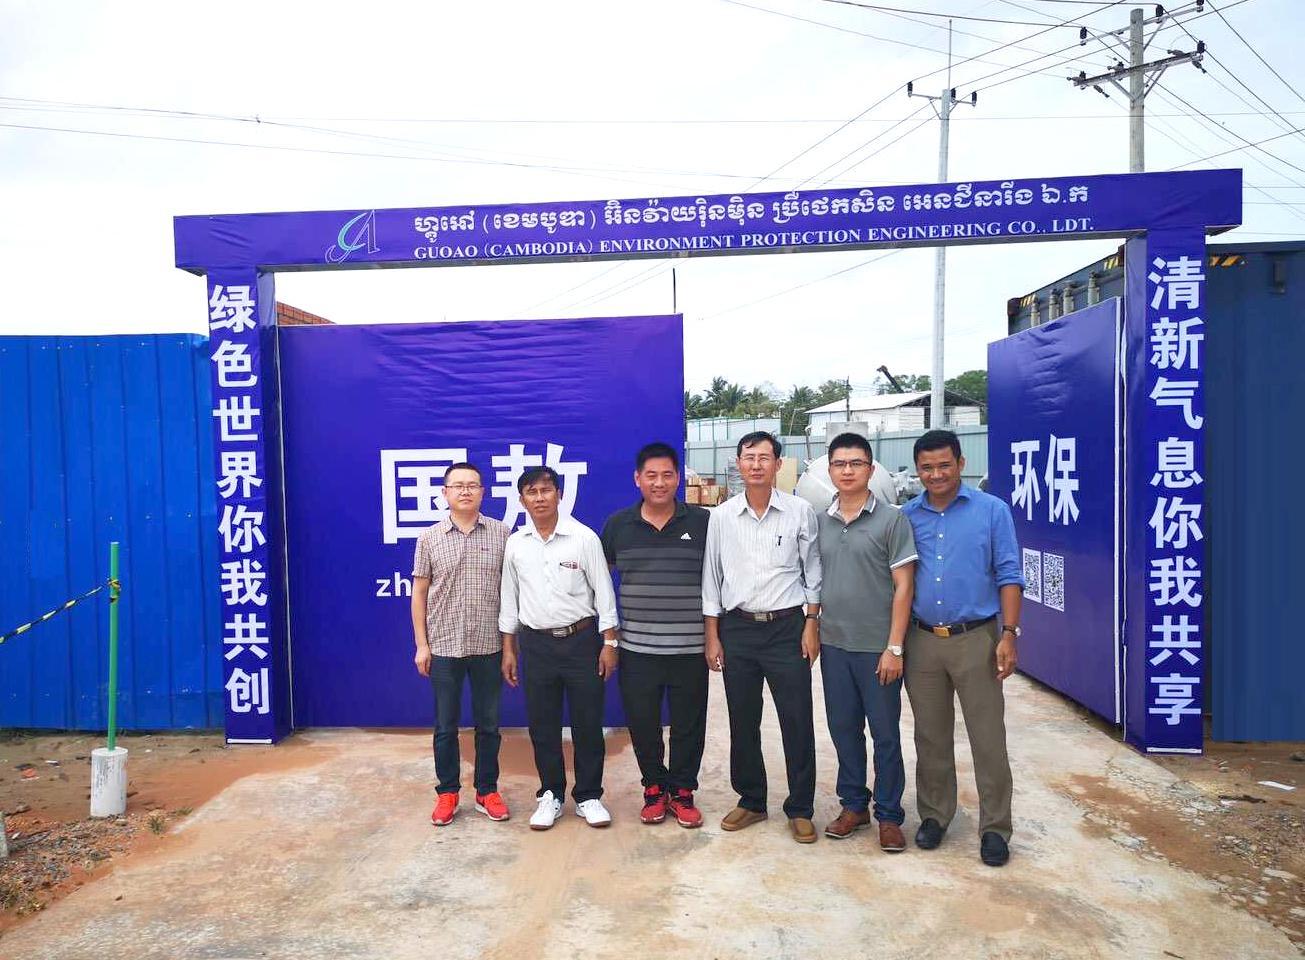 欢迎柬埔寨环境部法制监测局长和水质监察管理局长到我司项目考察调研